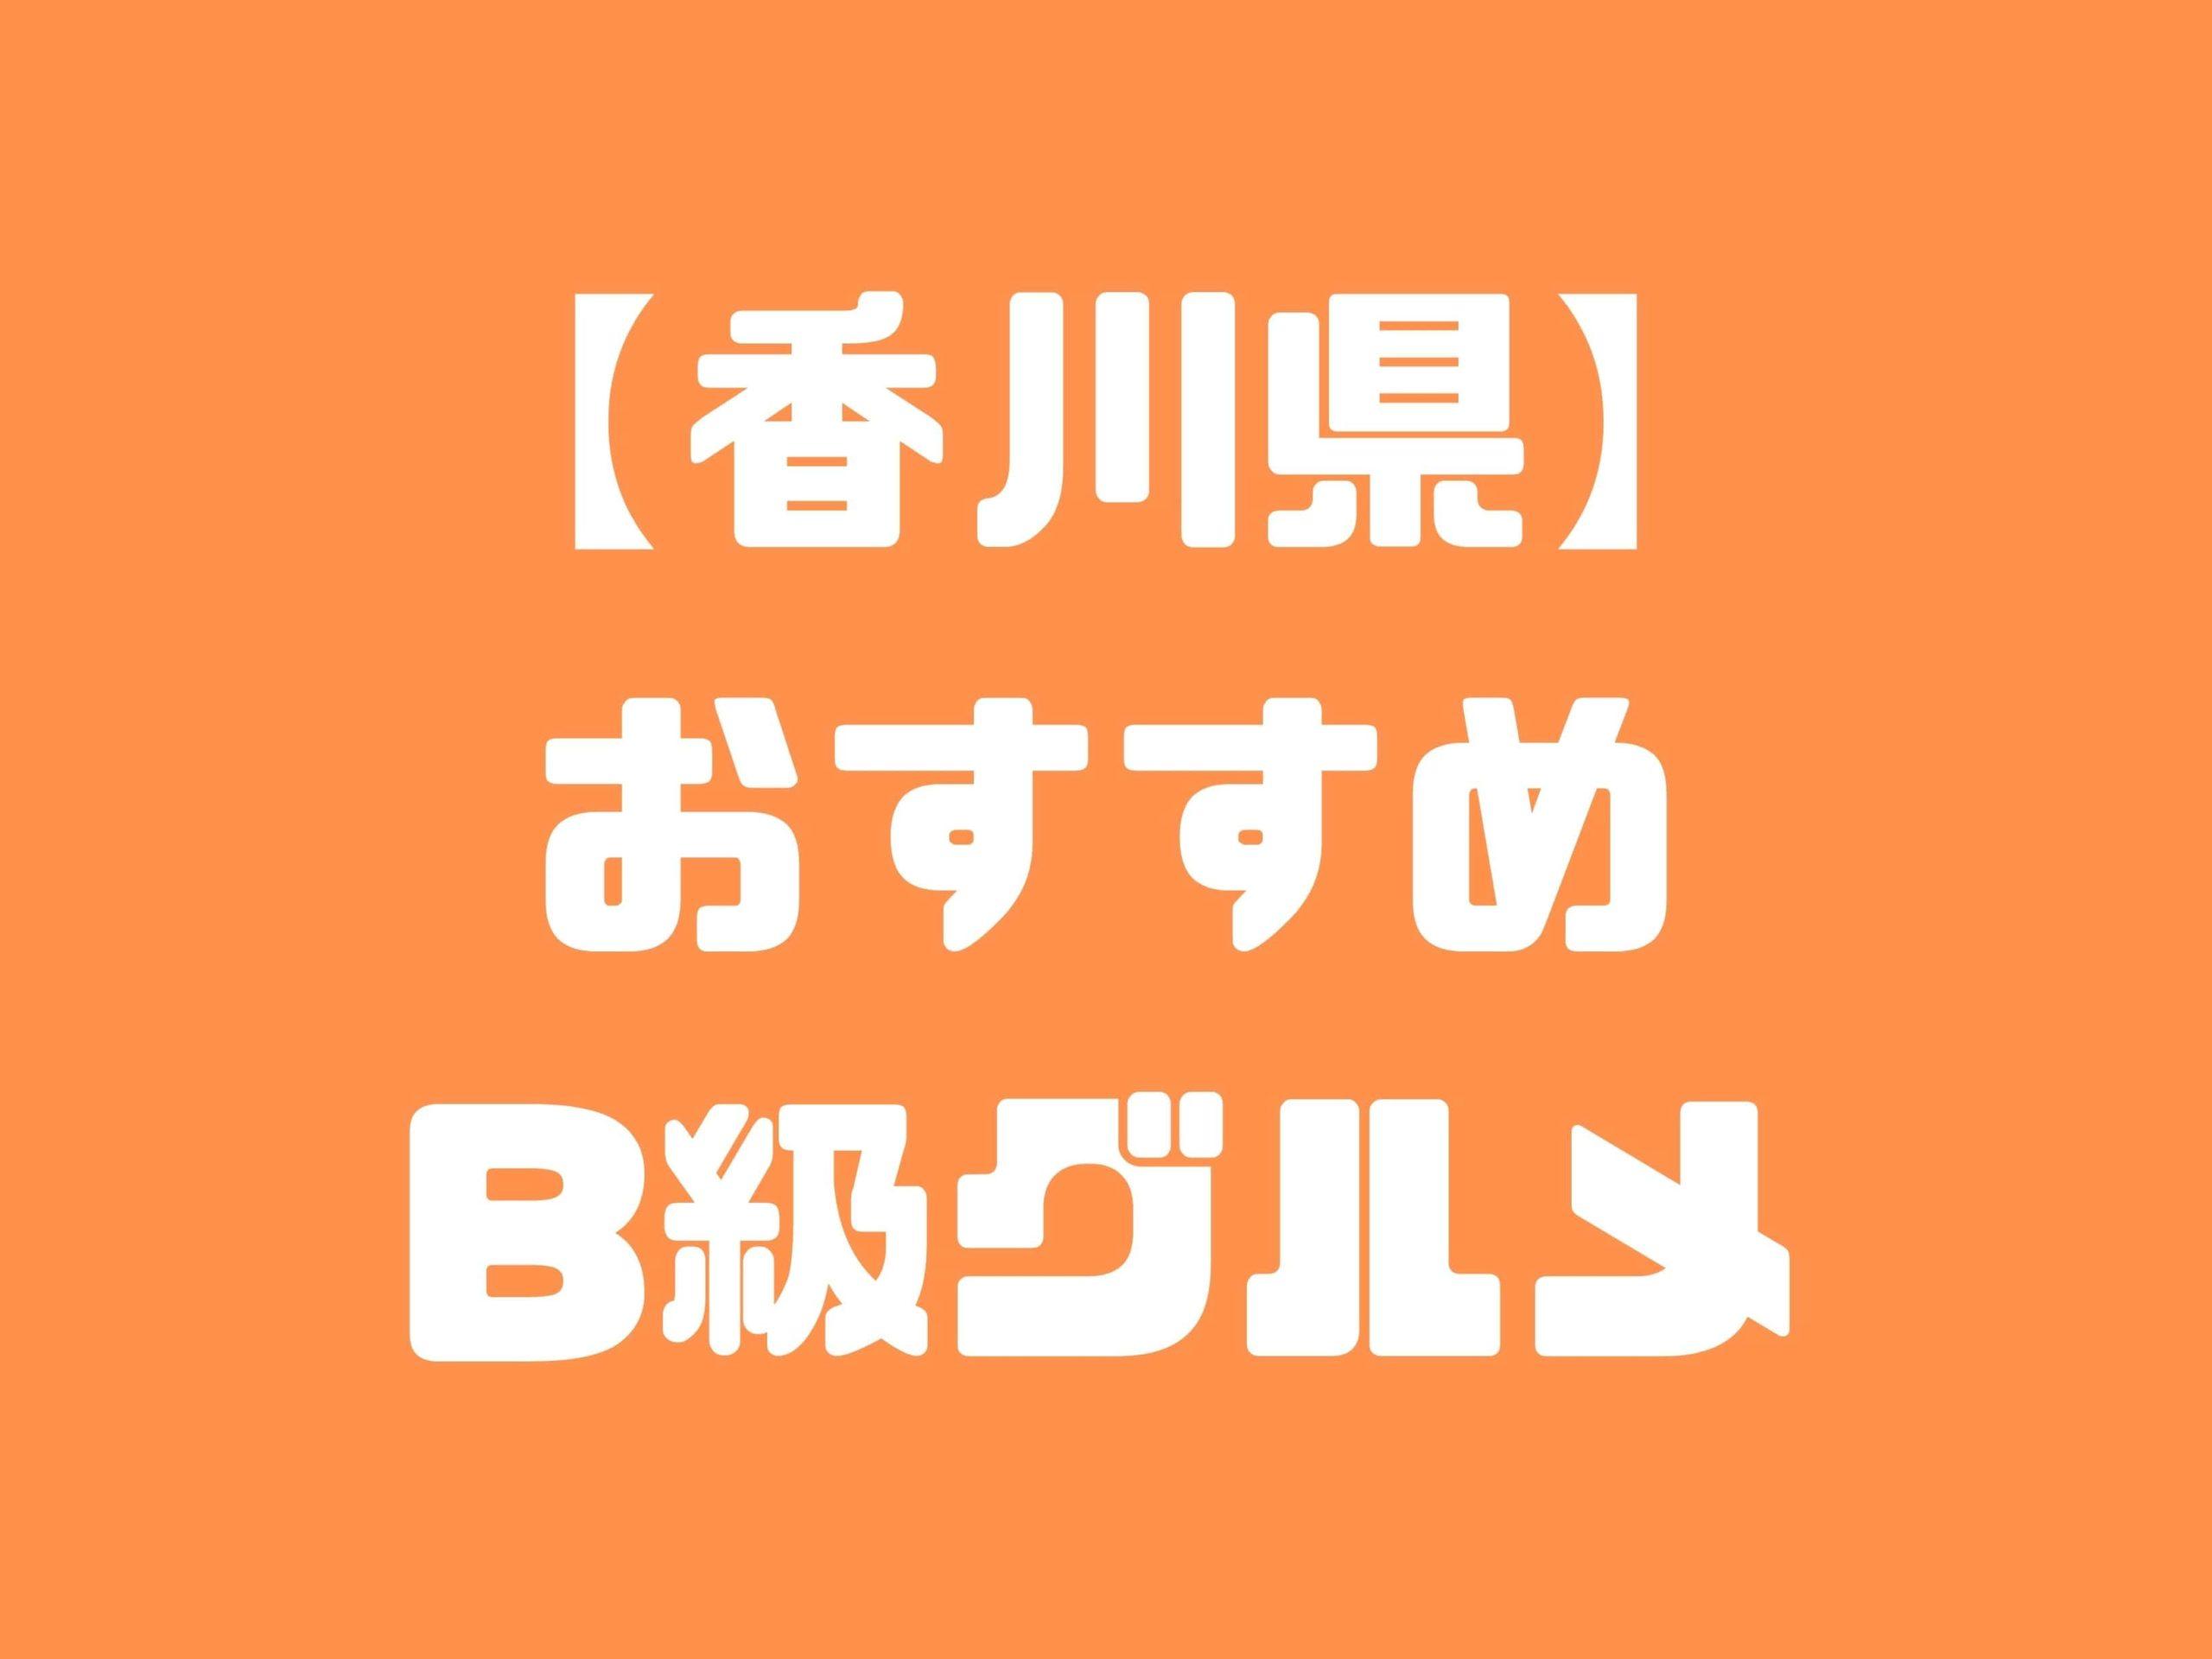 【香川県版】秘密のケンミンSHOWまとめ